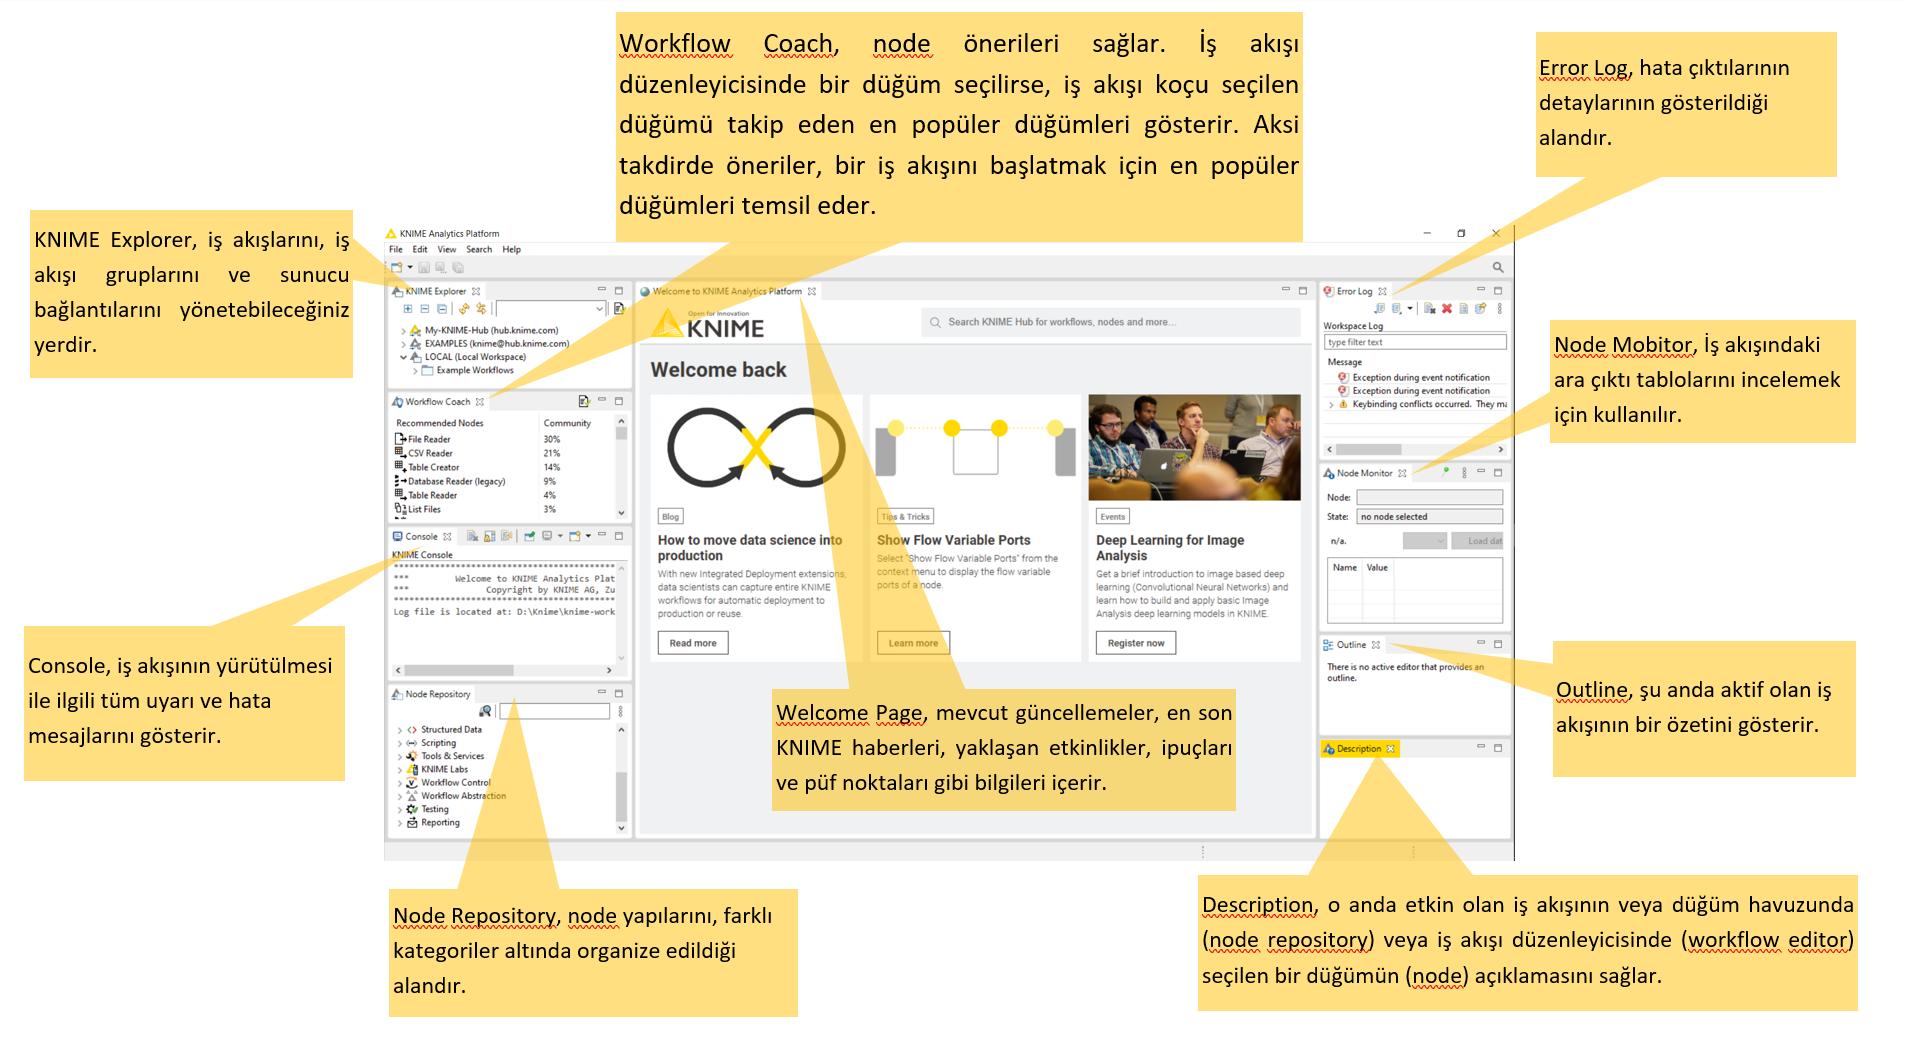 Workbench ekranının tanıtımı